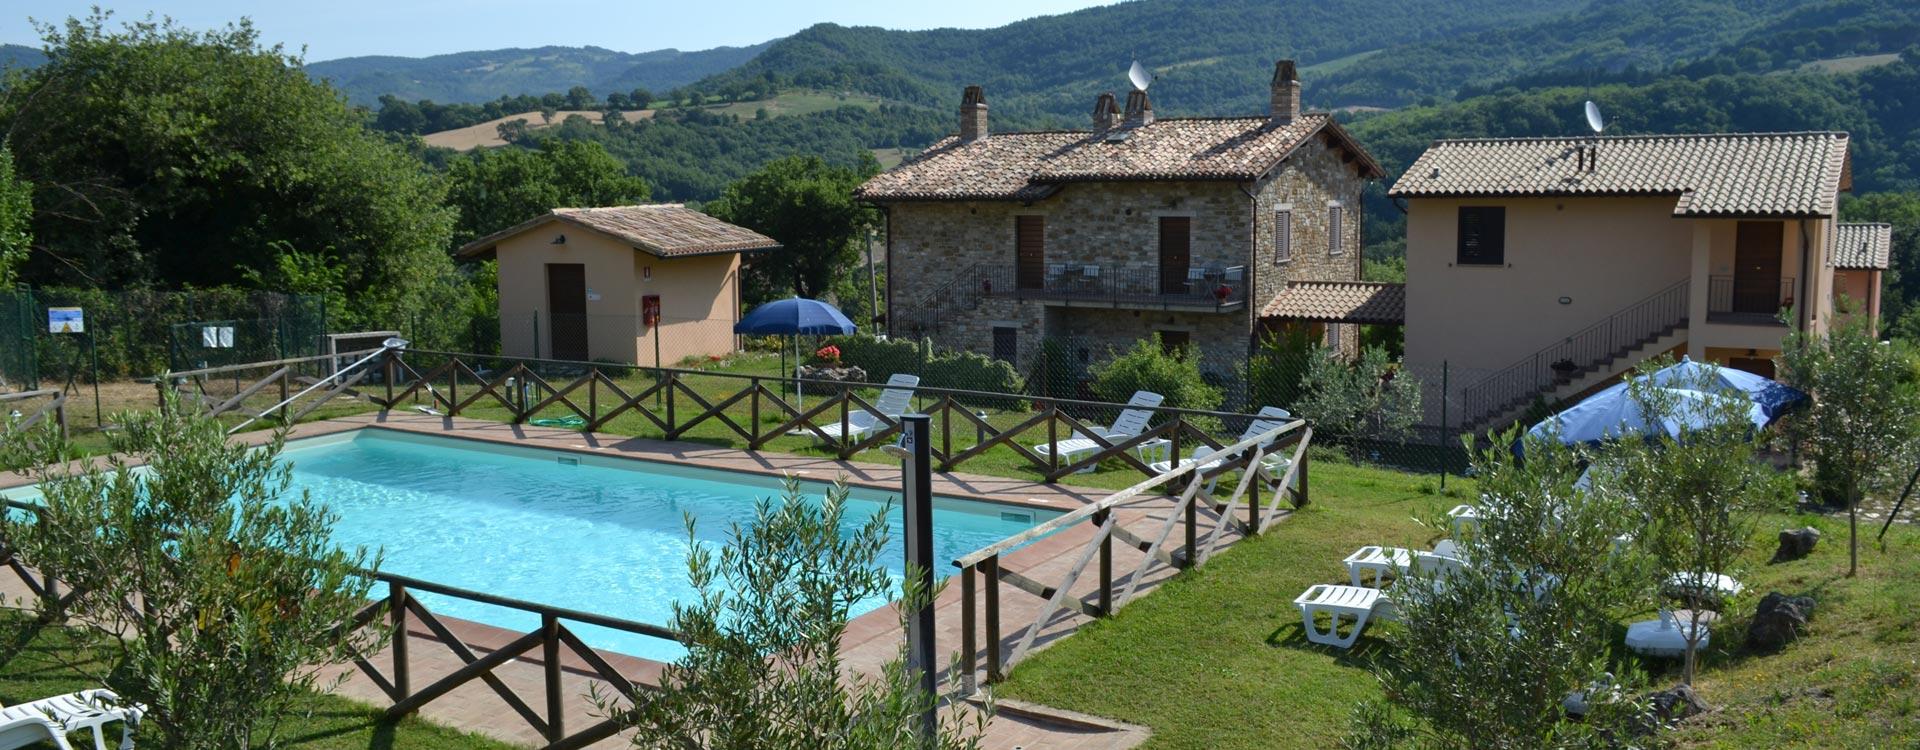 Agriturismo Assisi 'Relais Parco del Subasio' - Nuova struttura con ampi spazi interni ed esterni